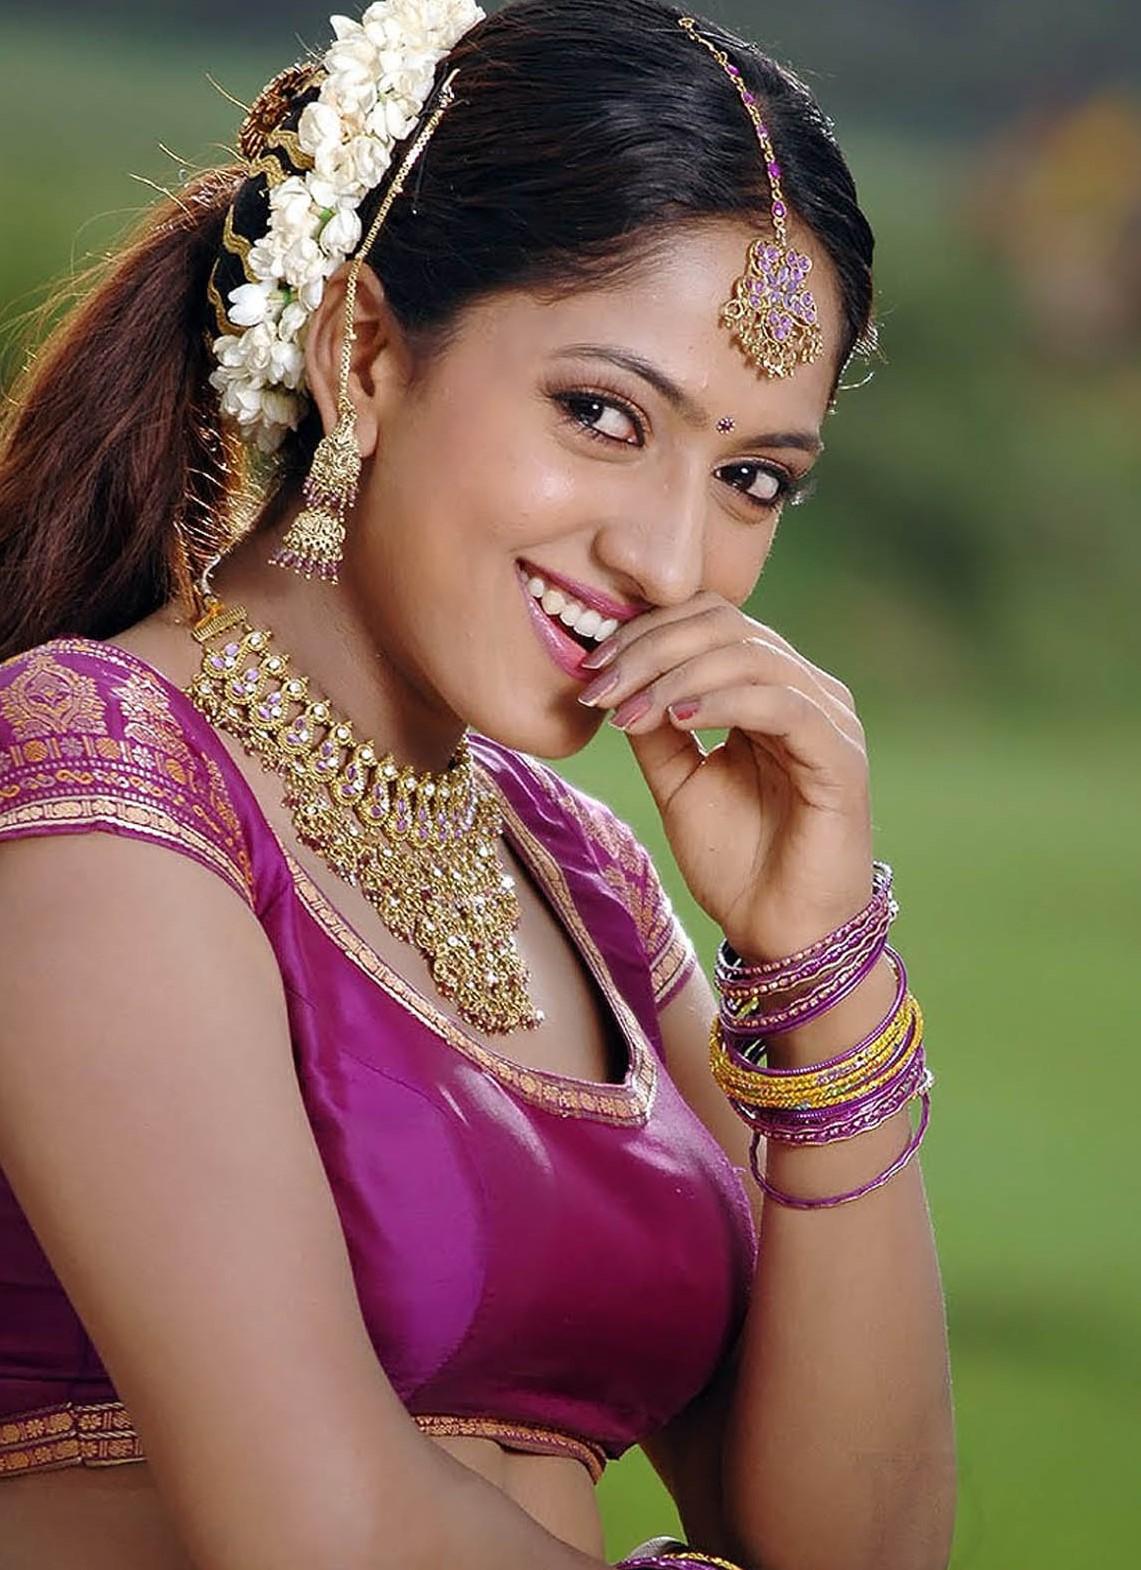 Sheela kaur full makeup photos